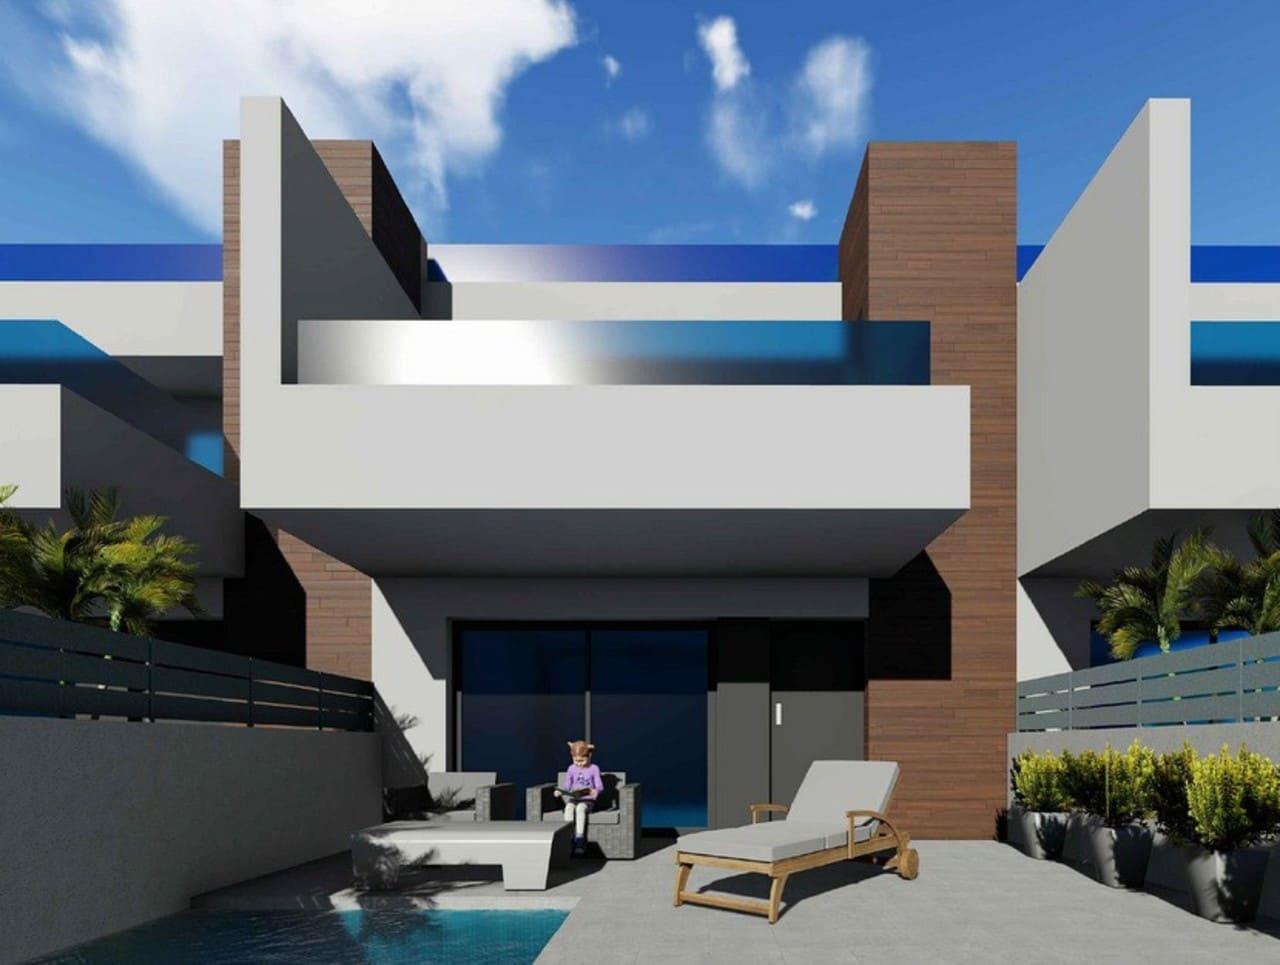 Casa de 3 habitaciones en Benijófar en venta con piscina - 225.000 € (Ref: 5035615)